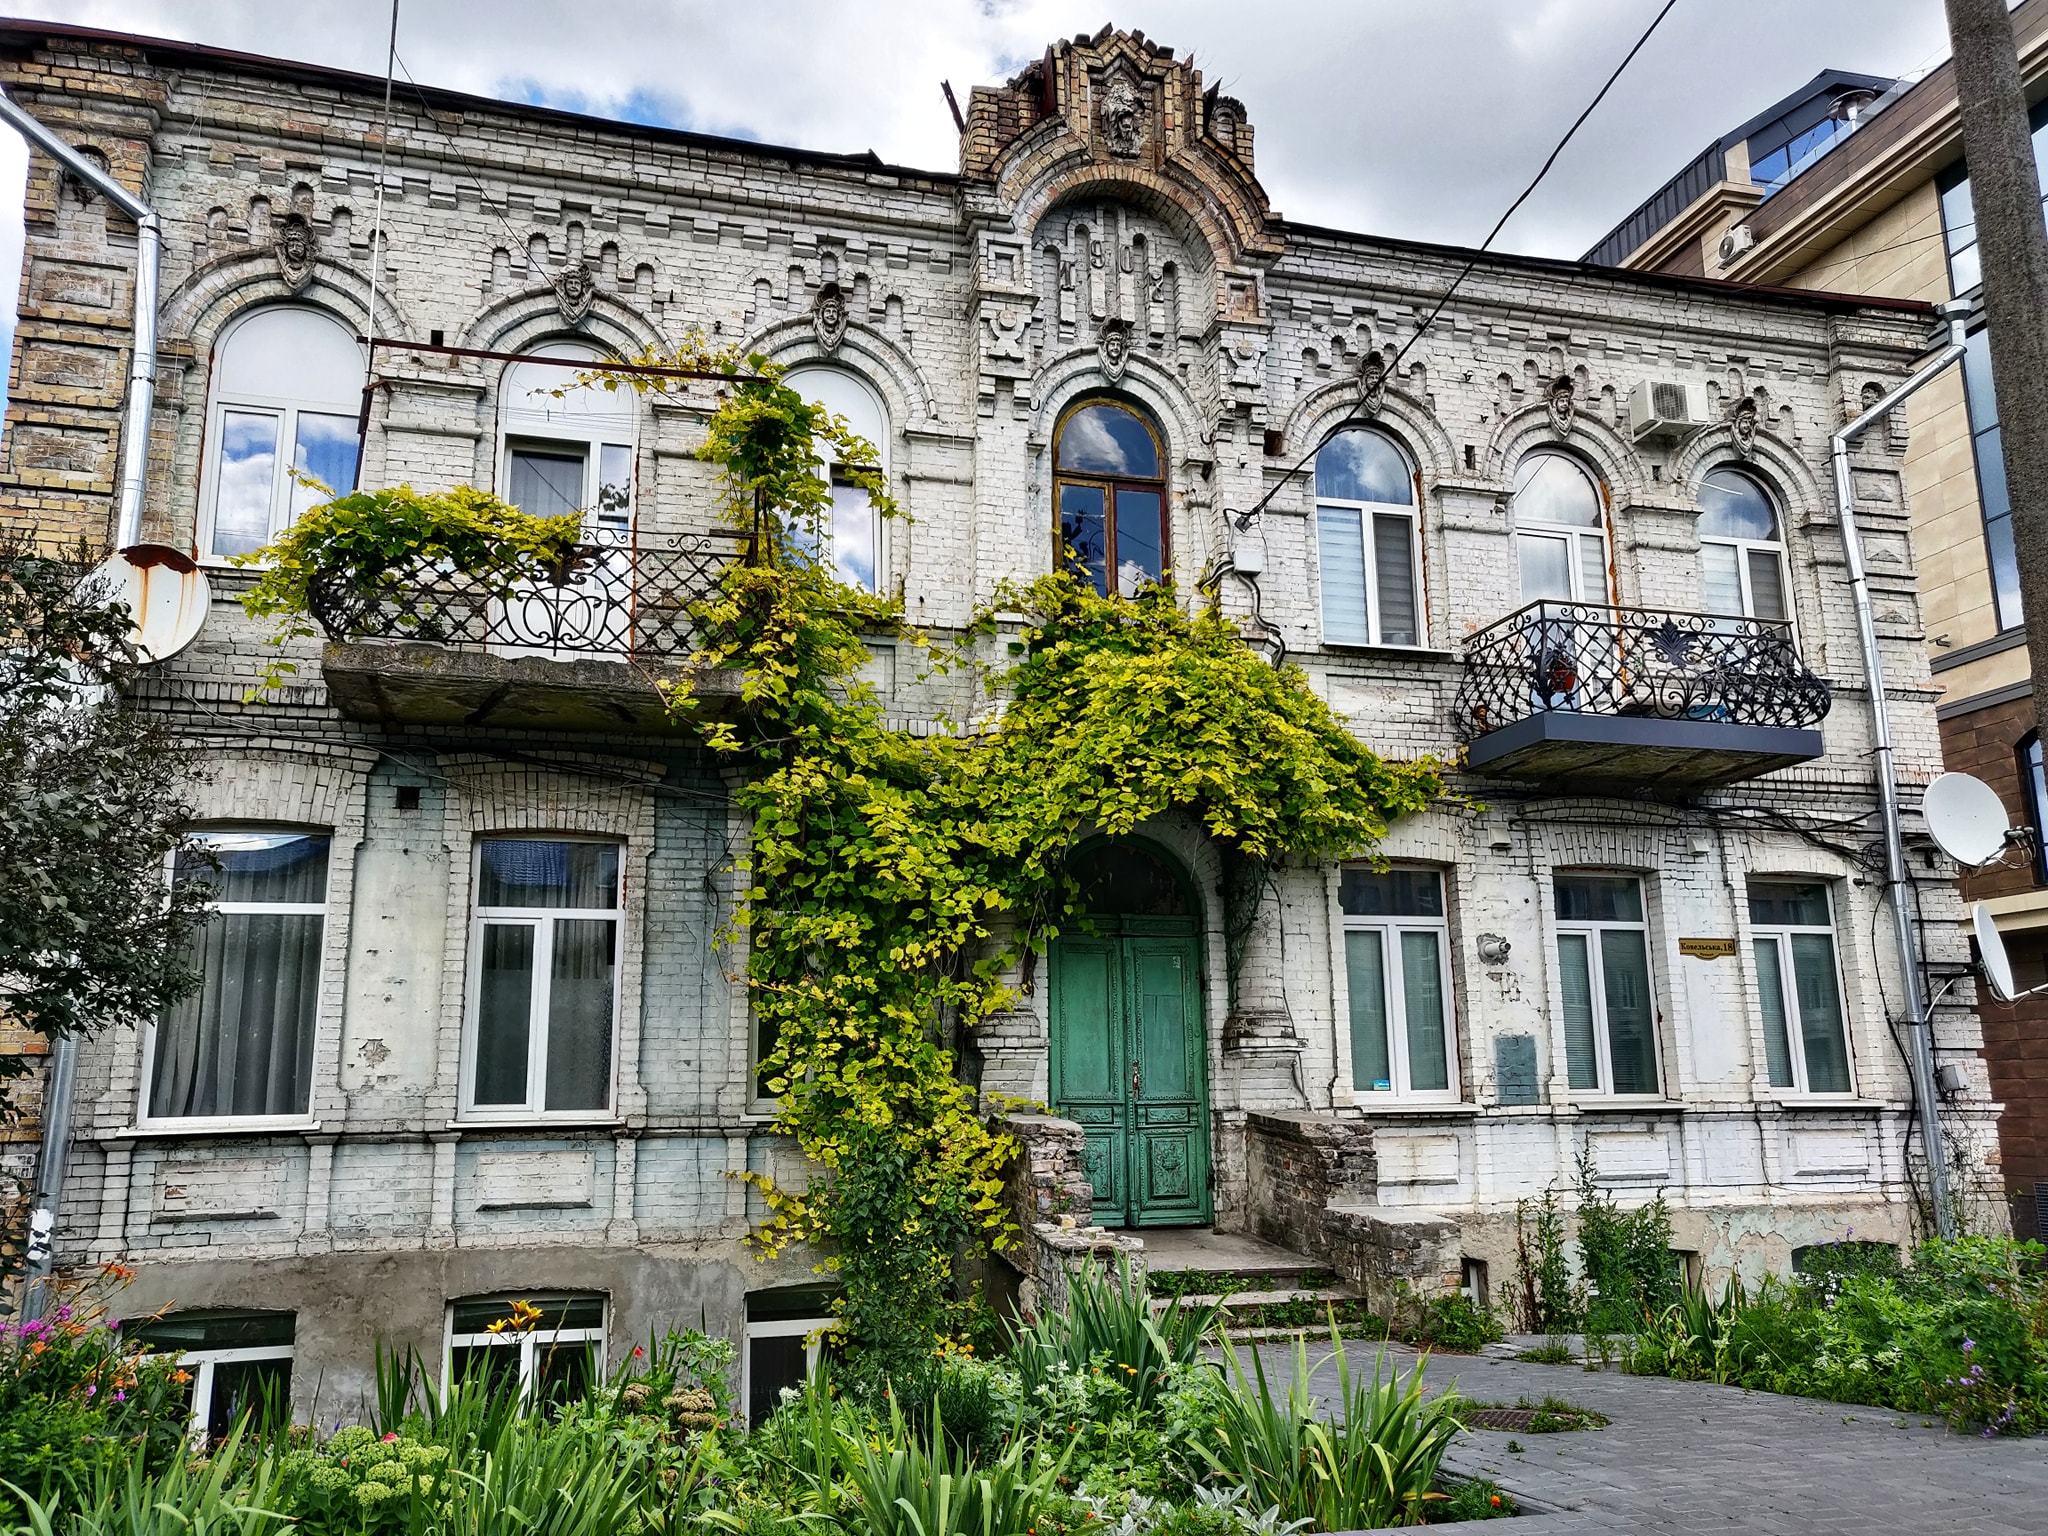 Розмова із Марією Козакевич, або Луцьк + Франківськ = двері, фото, історія